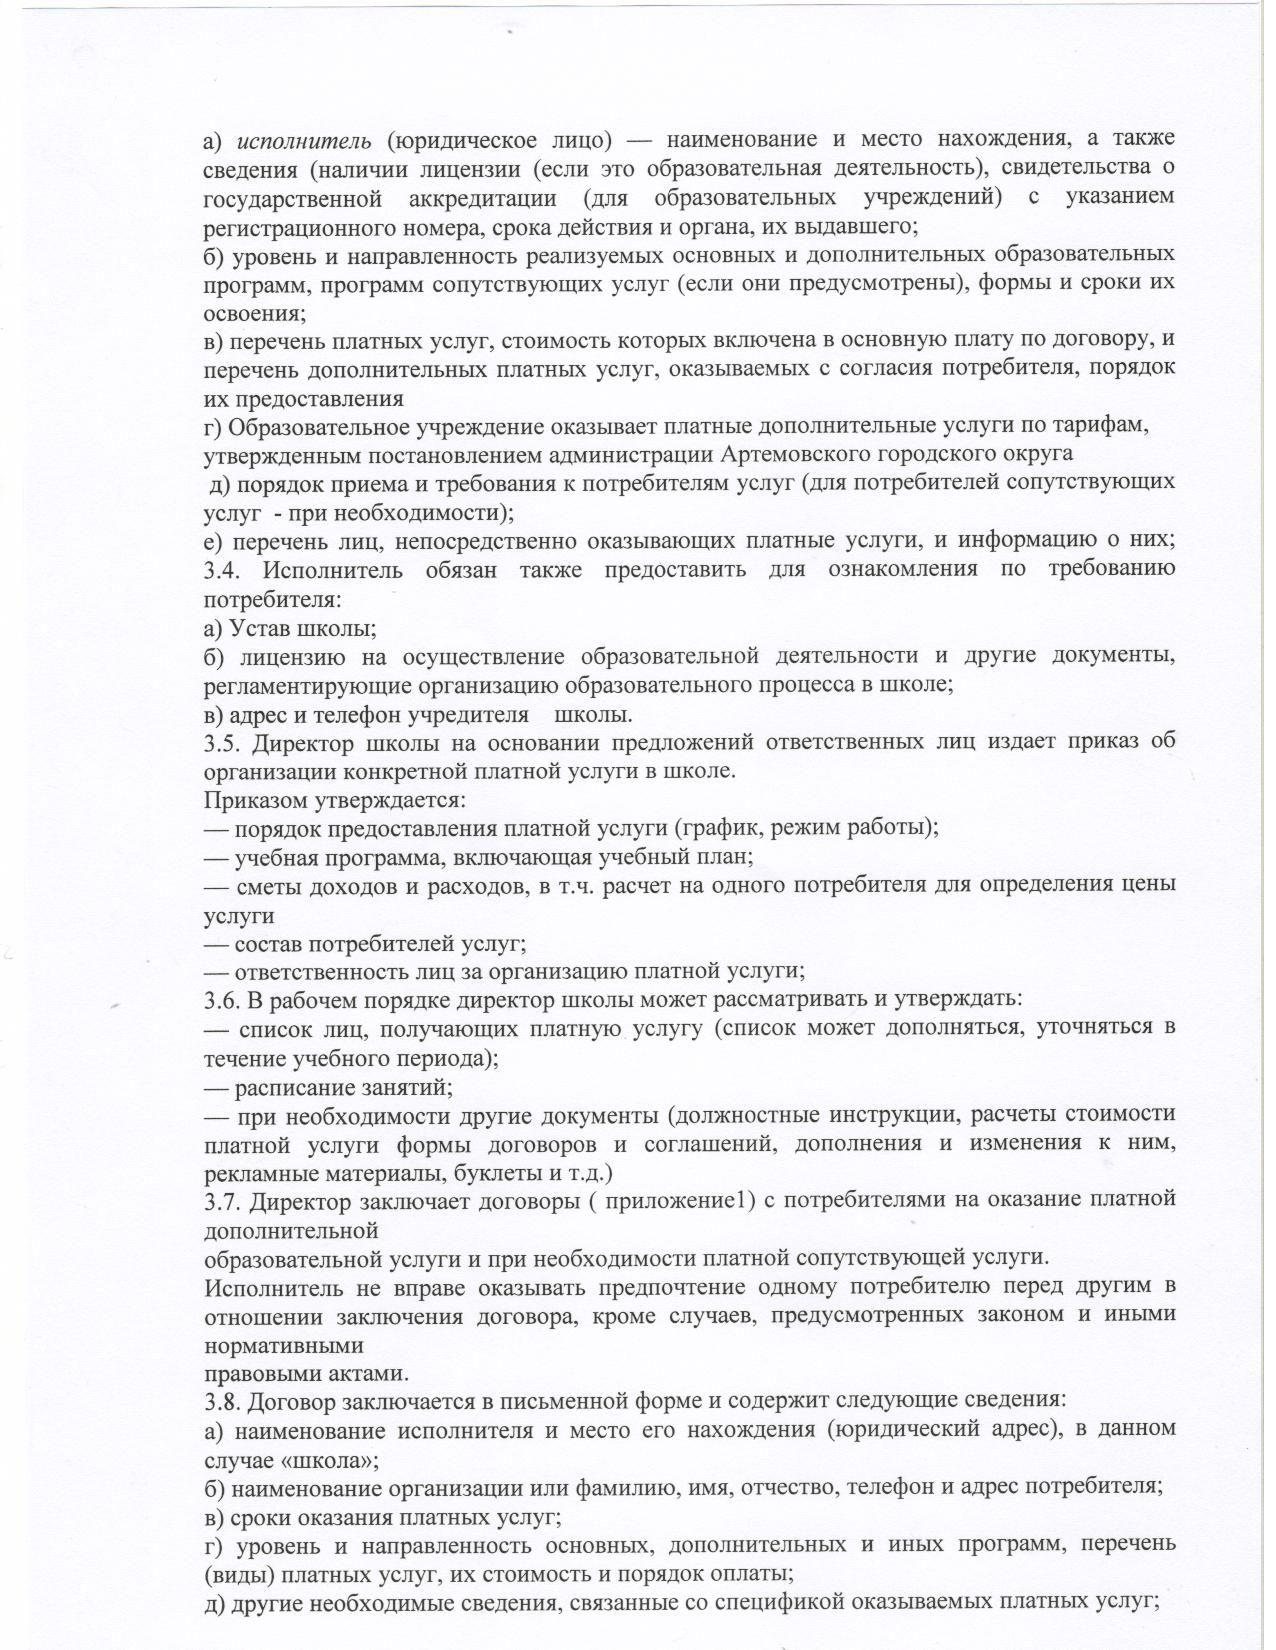 Скачать электр учебник русский язык бунеева 5 класс